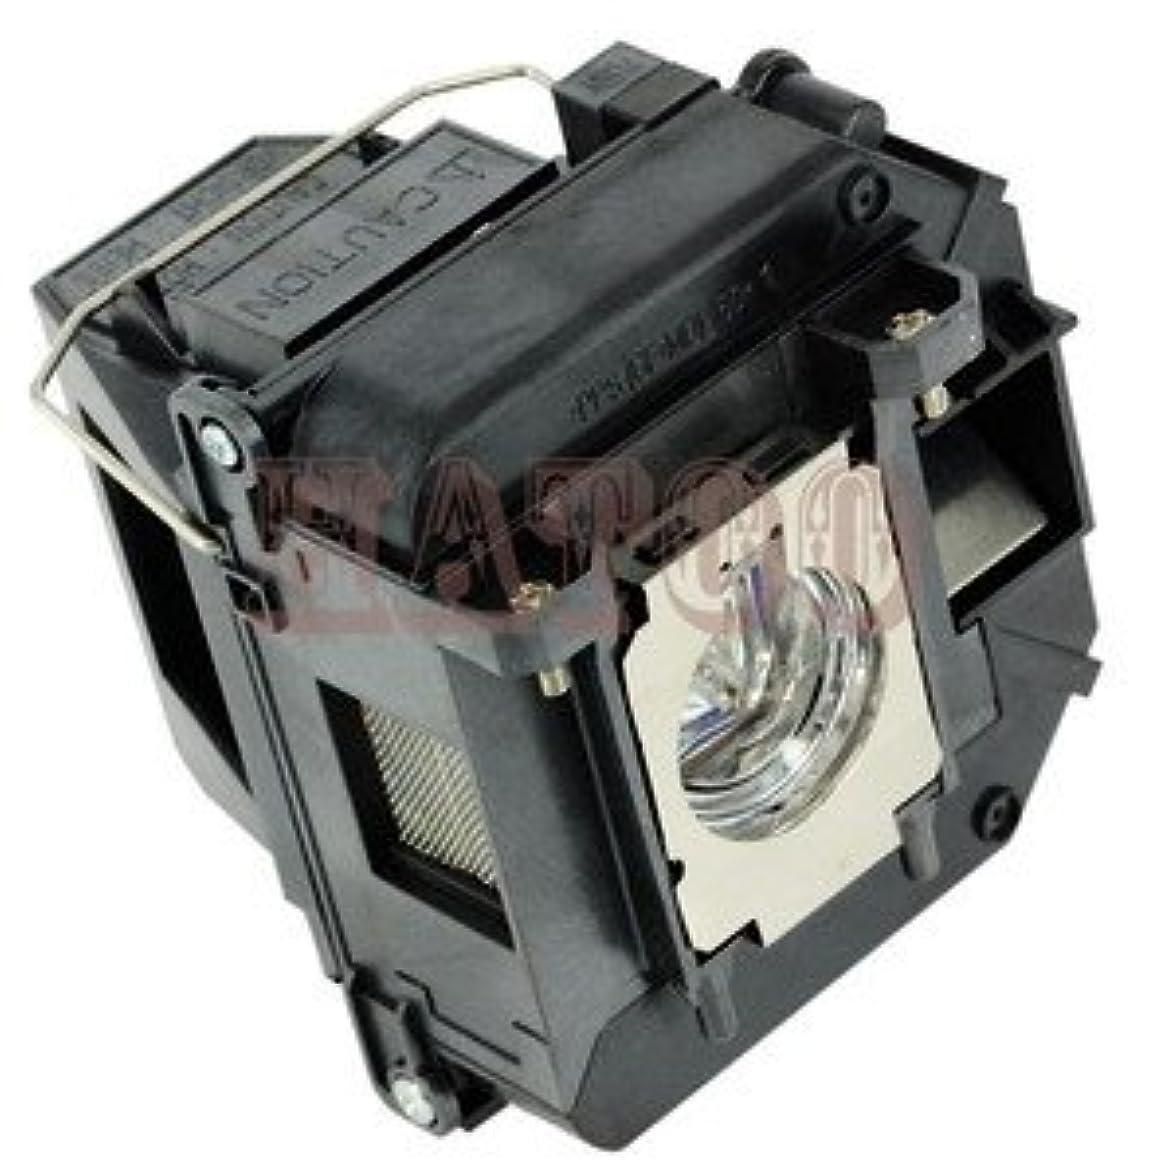 四半期不調和可能EPSON エプソン EB-910W用ランプ ELPLP61 プロジェクター交換用ランプ